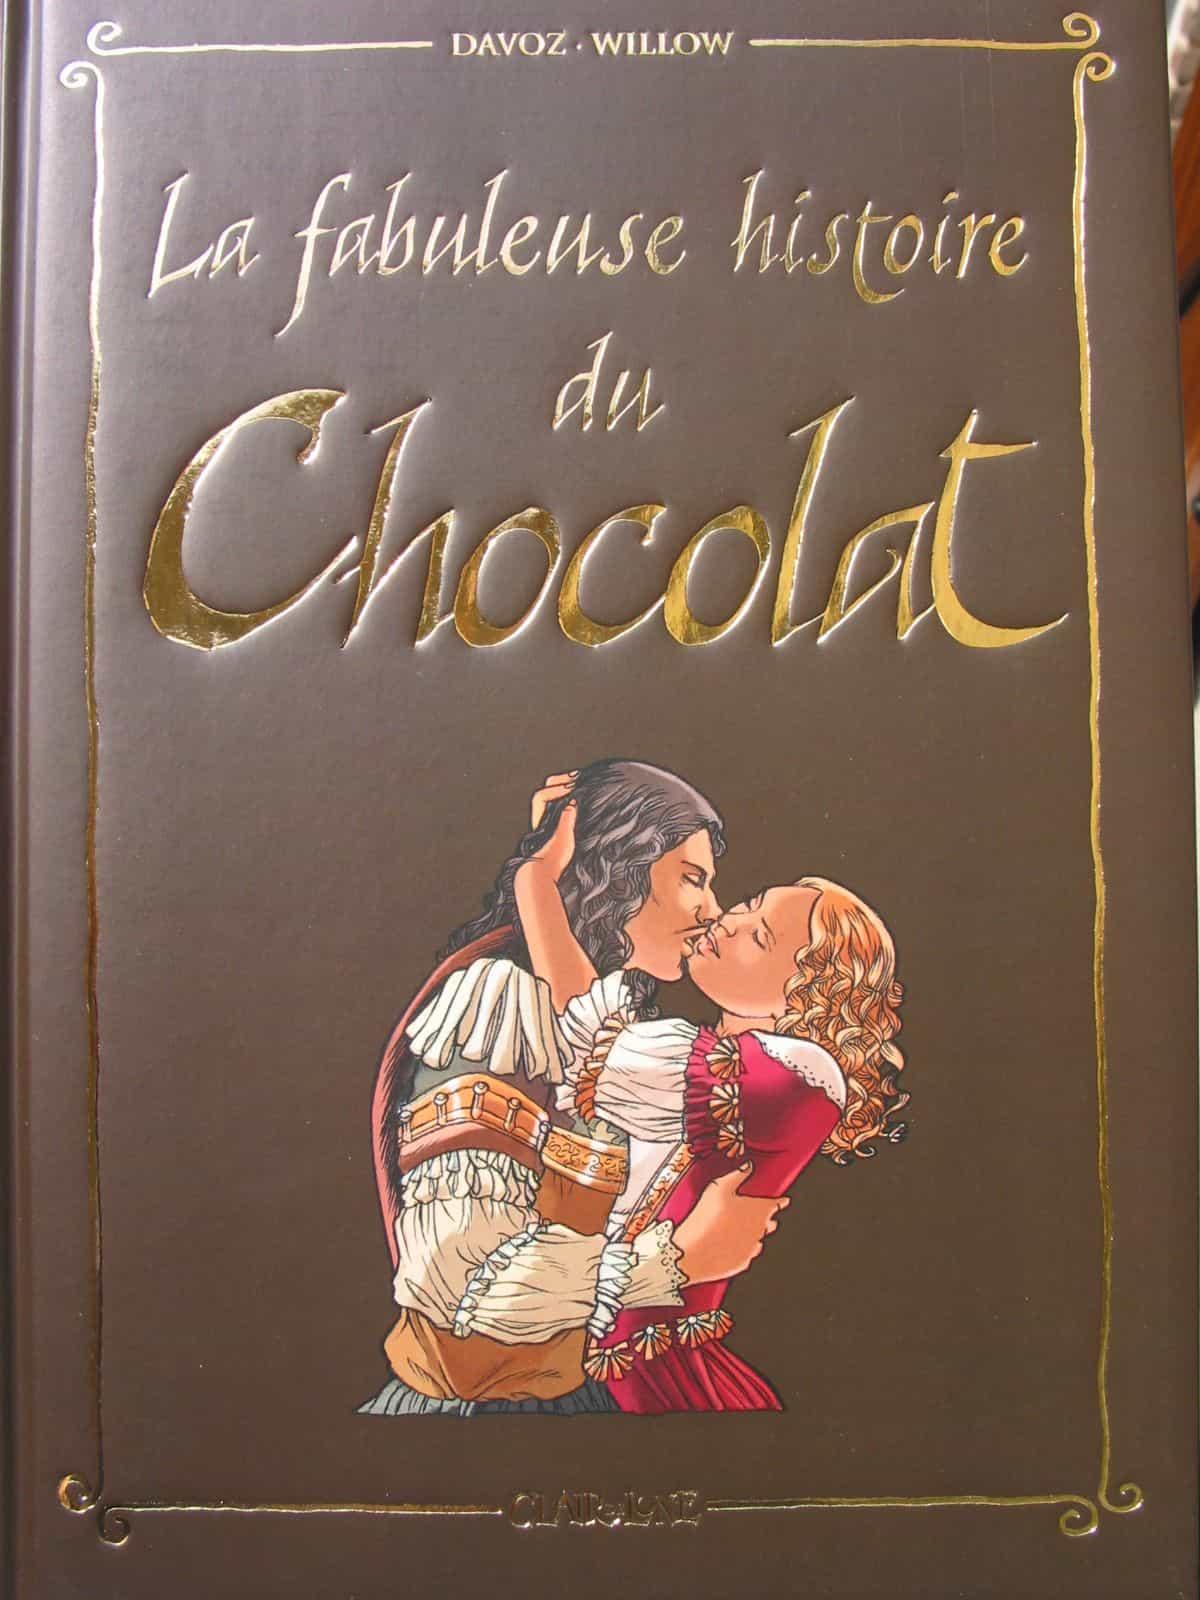 Berühmt La fabuleuse histoire du chocolat en bd | BDZoom.com BO46